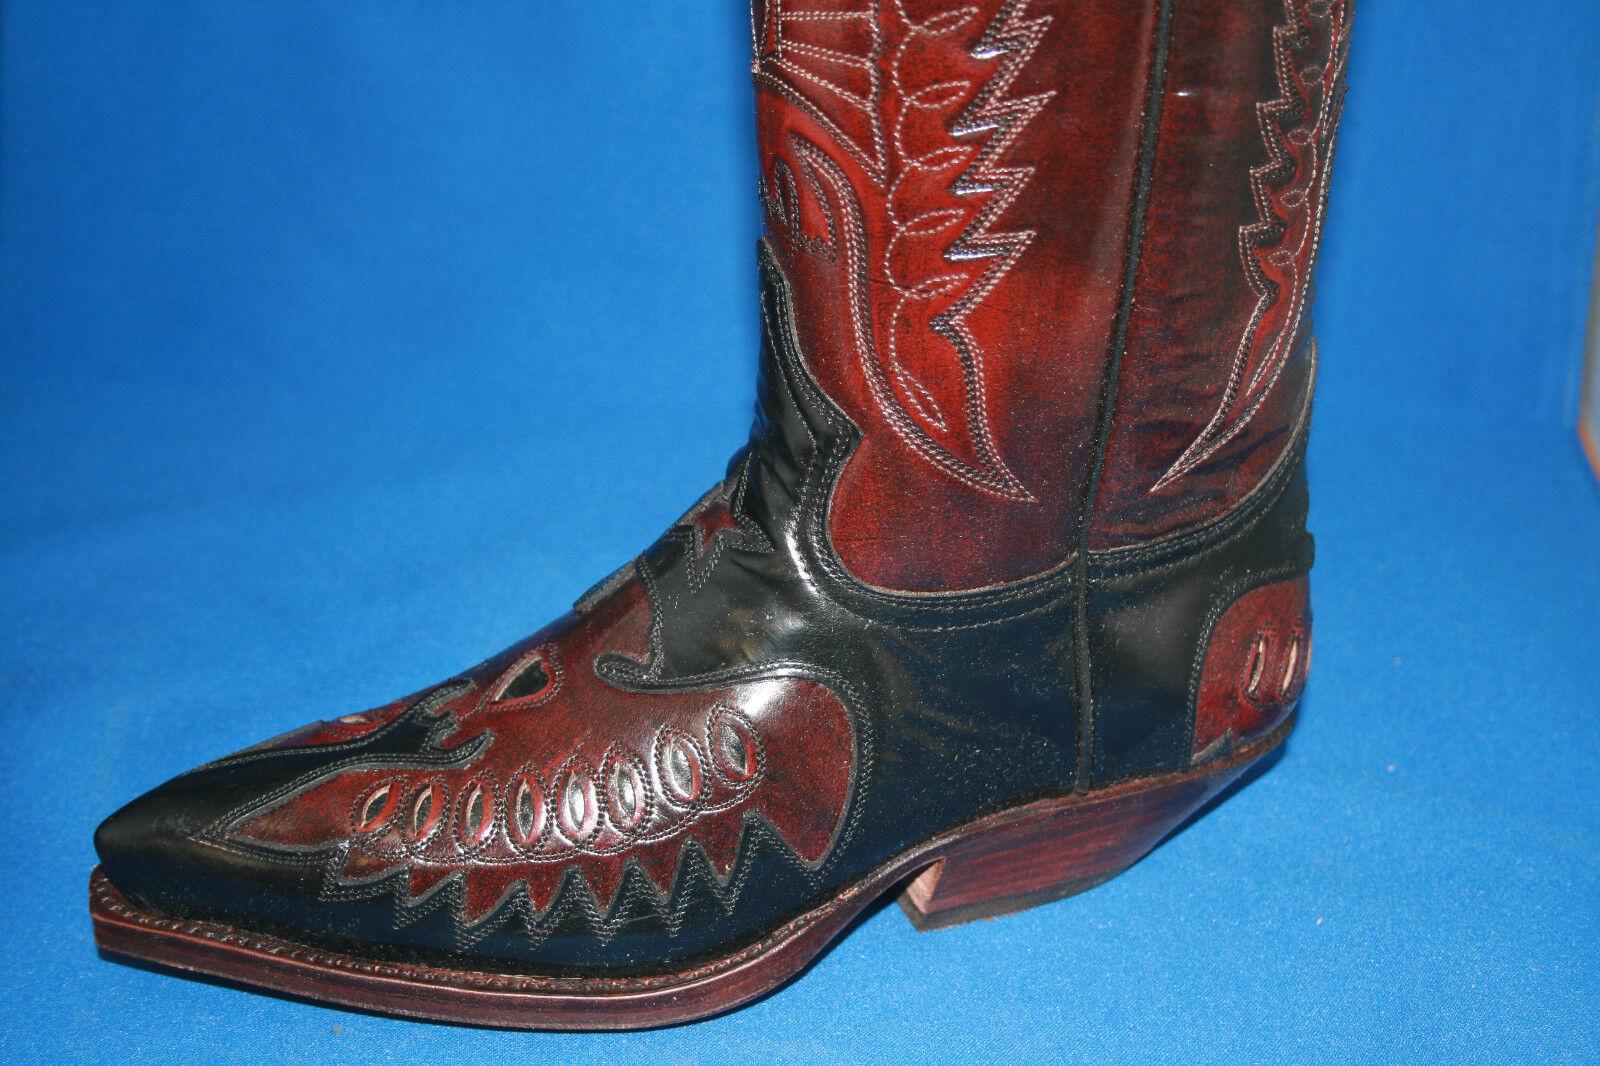 Sendra neu Stiefel  cowboystiefel westernstiefel neu Sendra design  leder handmade  gr. 40 4d5da7